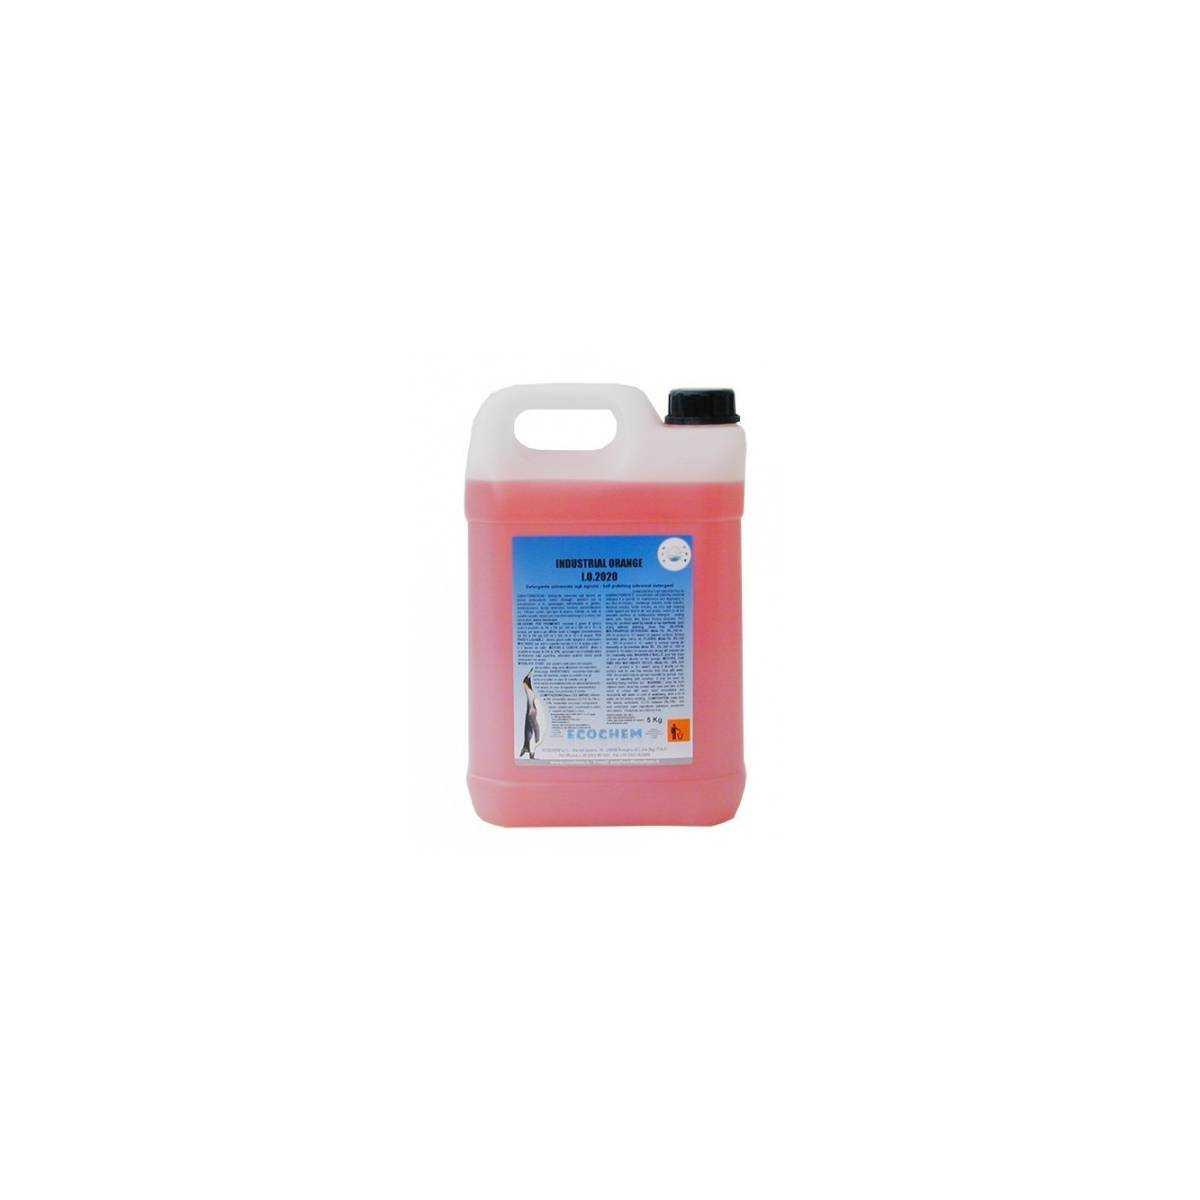 Средство моющее с полирующим эффектом 5кг I.O.2020 Industrial Orange ECOCHEM